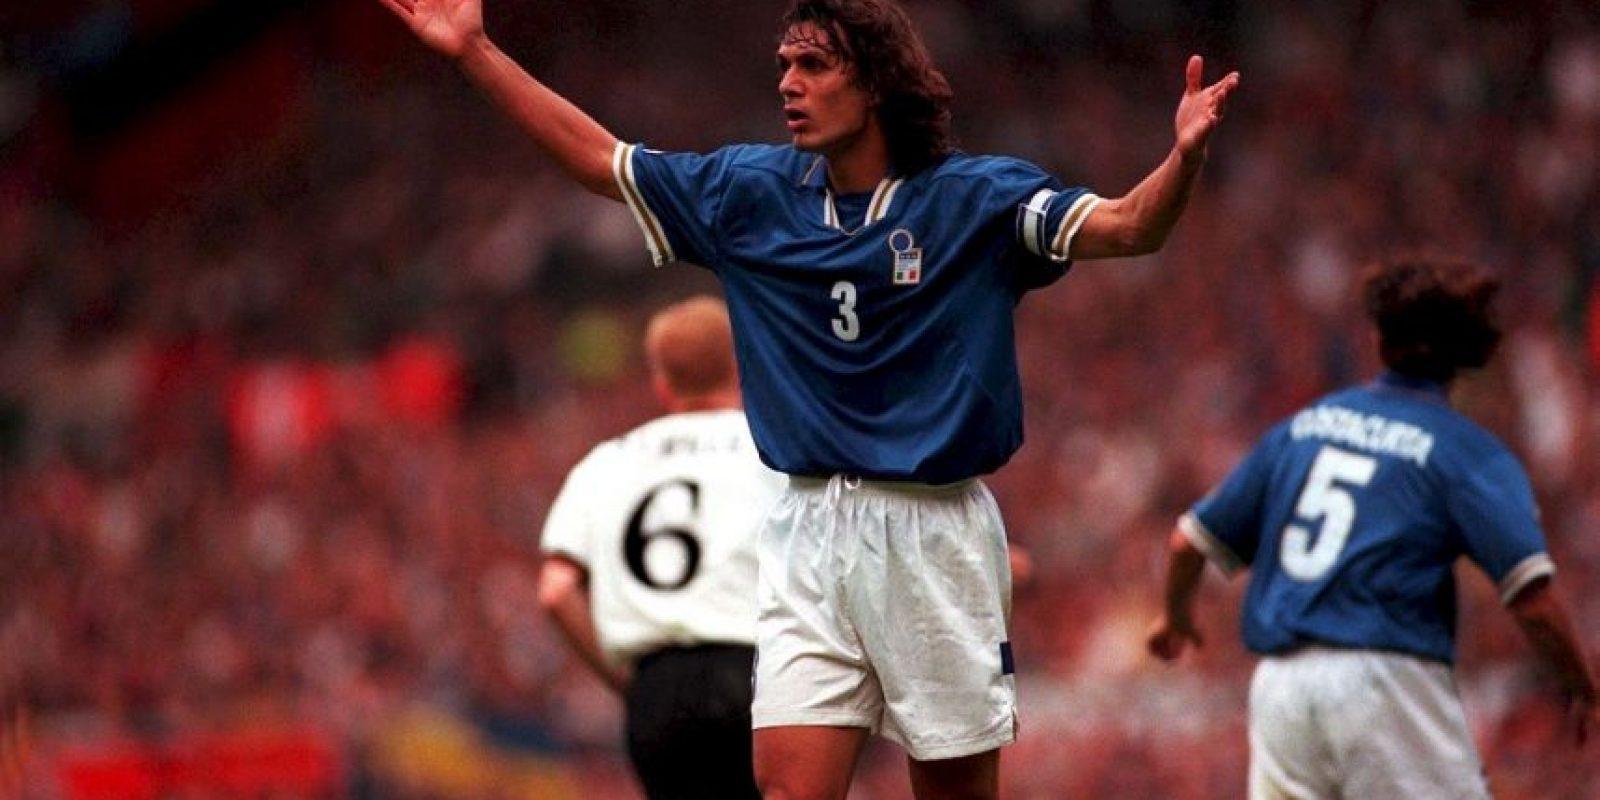 El emblema de los italianos participó de los torneos de 1988, 1996 y 2000. Nunca pudo ganar el torneo y su mejor resultado fue el subcampeonato que se jugó en Bélgica y Holanda en el inicio del siglo XXI Foto:Getty images